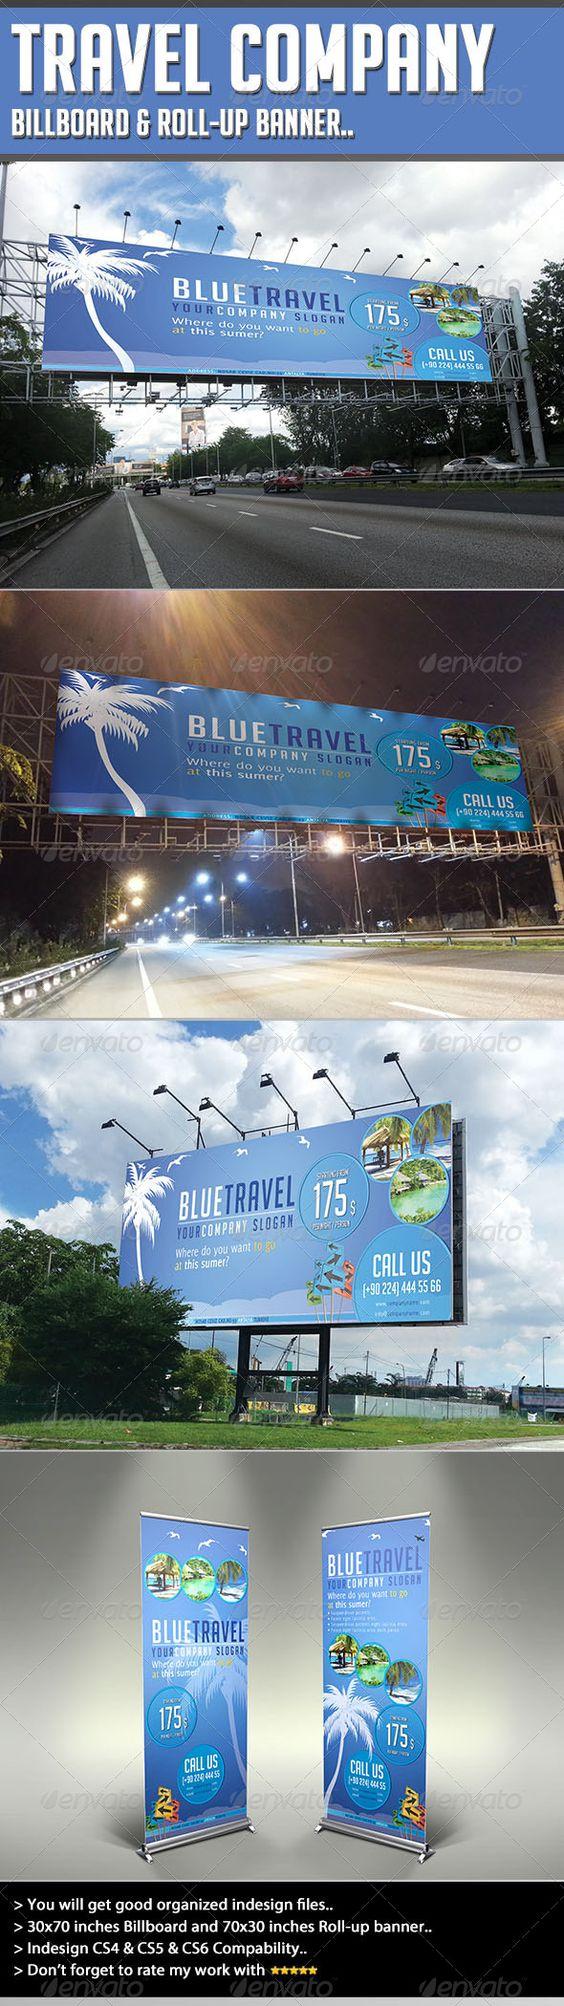 Literary analysis billboard